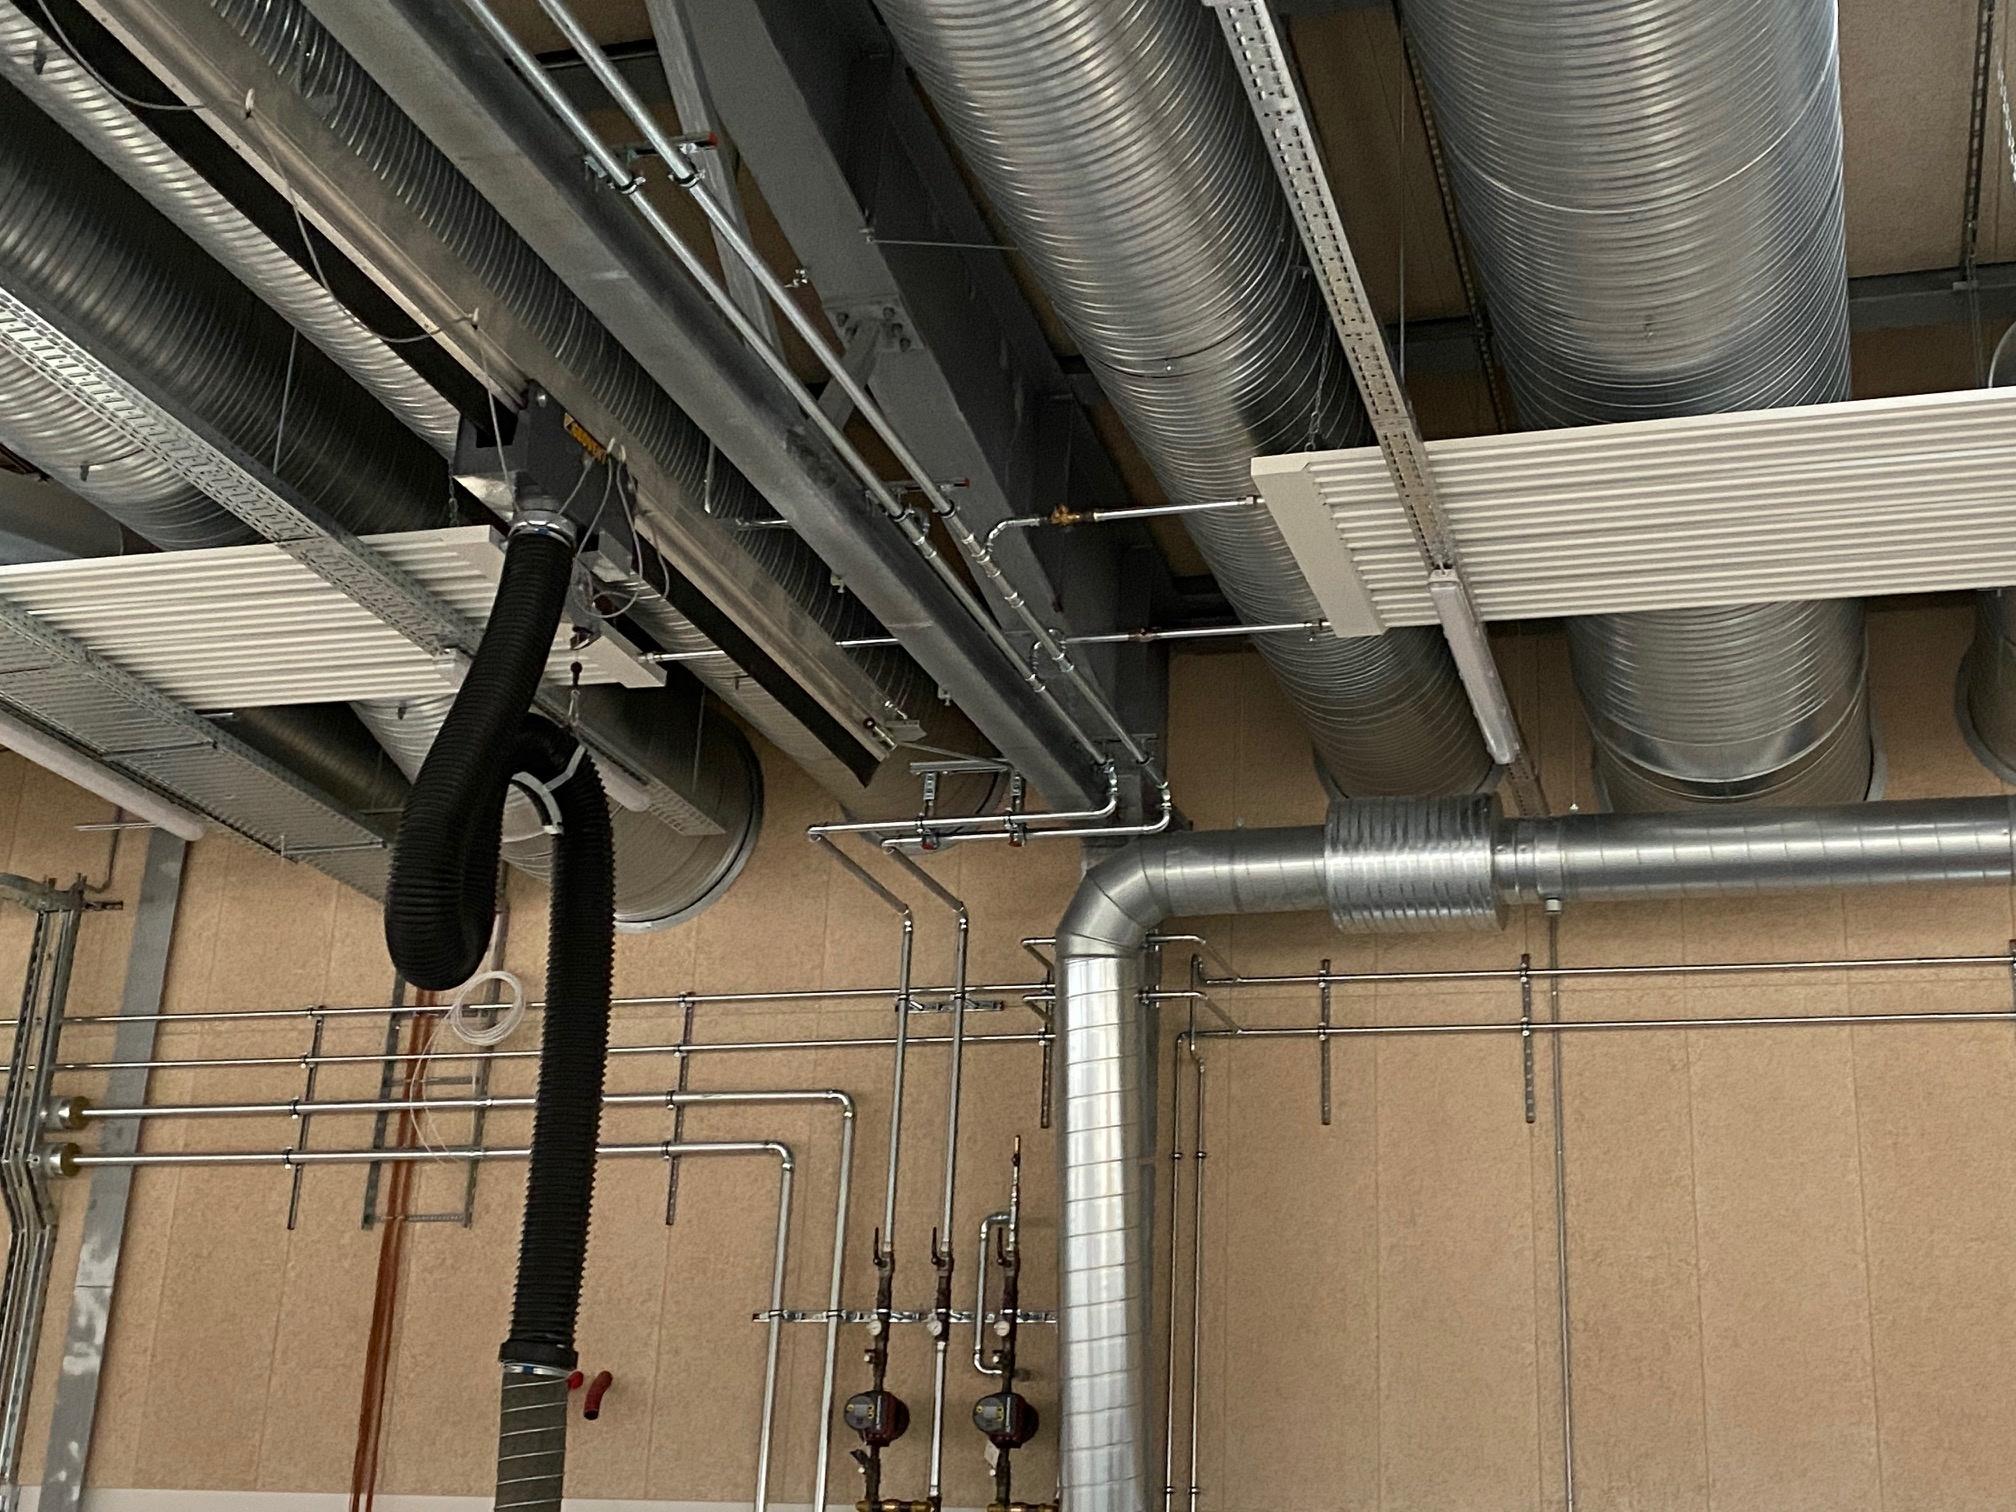 Hæmmer overdokumentation ventilationsfaget?